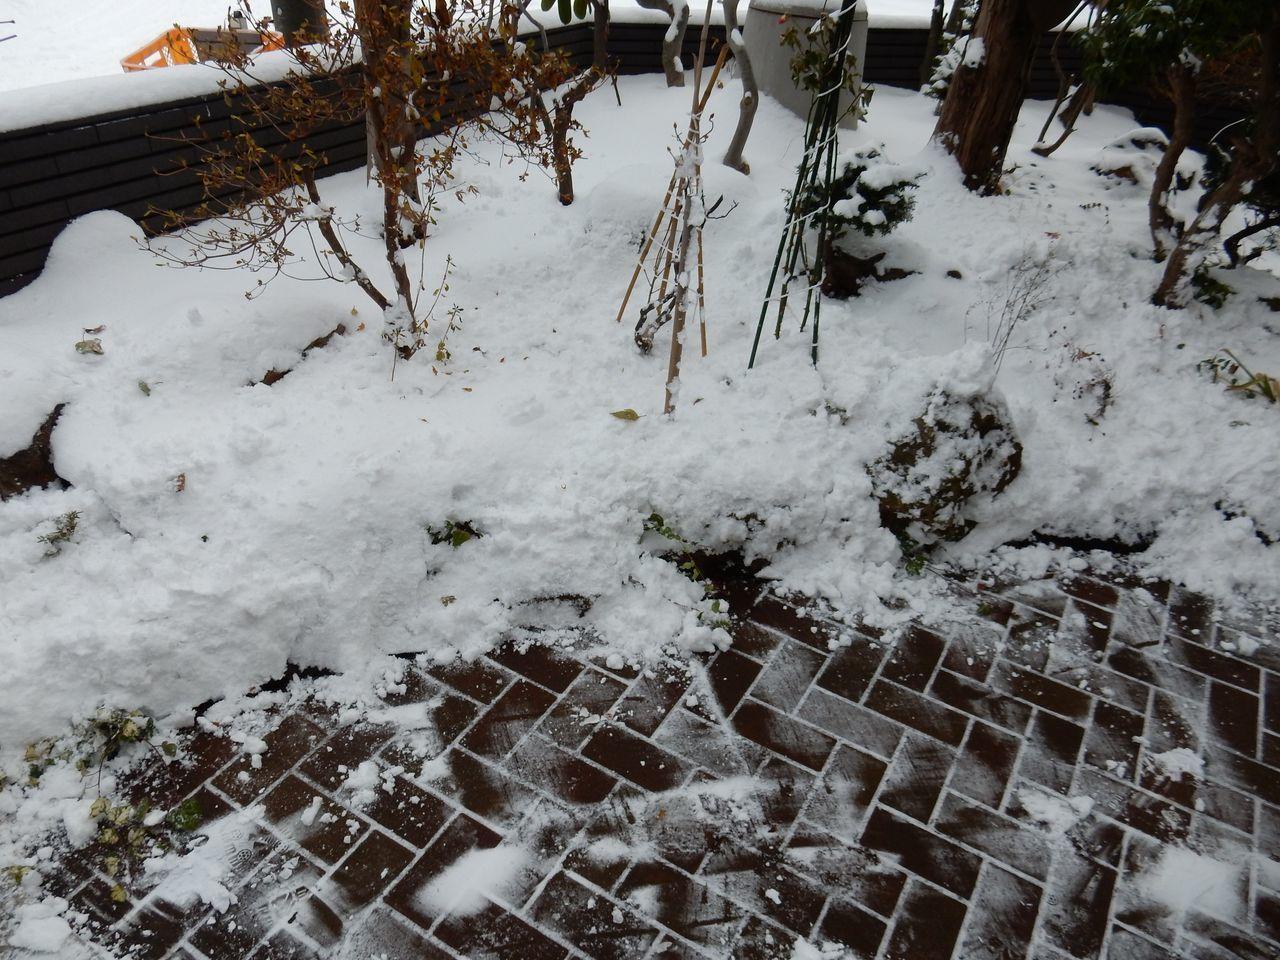 冬が本格化するなかサザンカのつぼみ膨らむ_c0025115_21440317.jpg